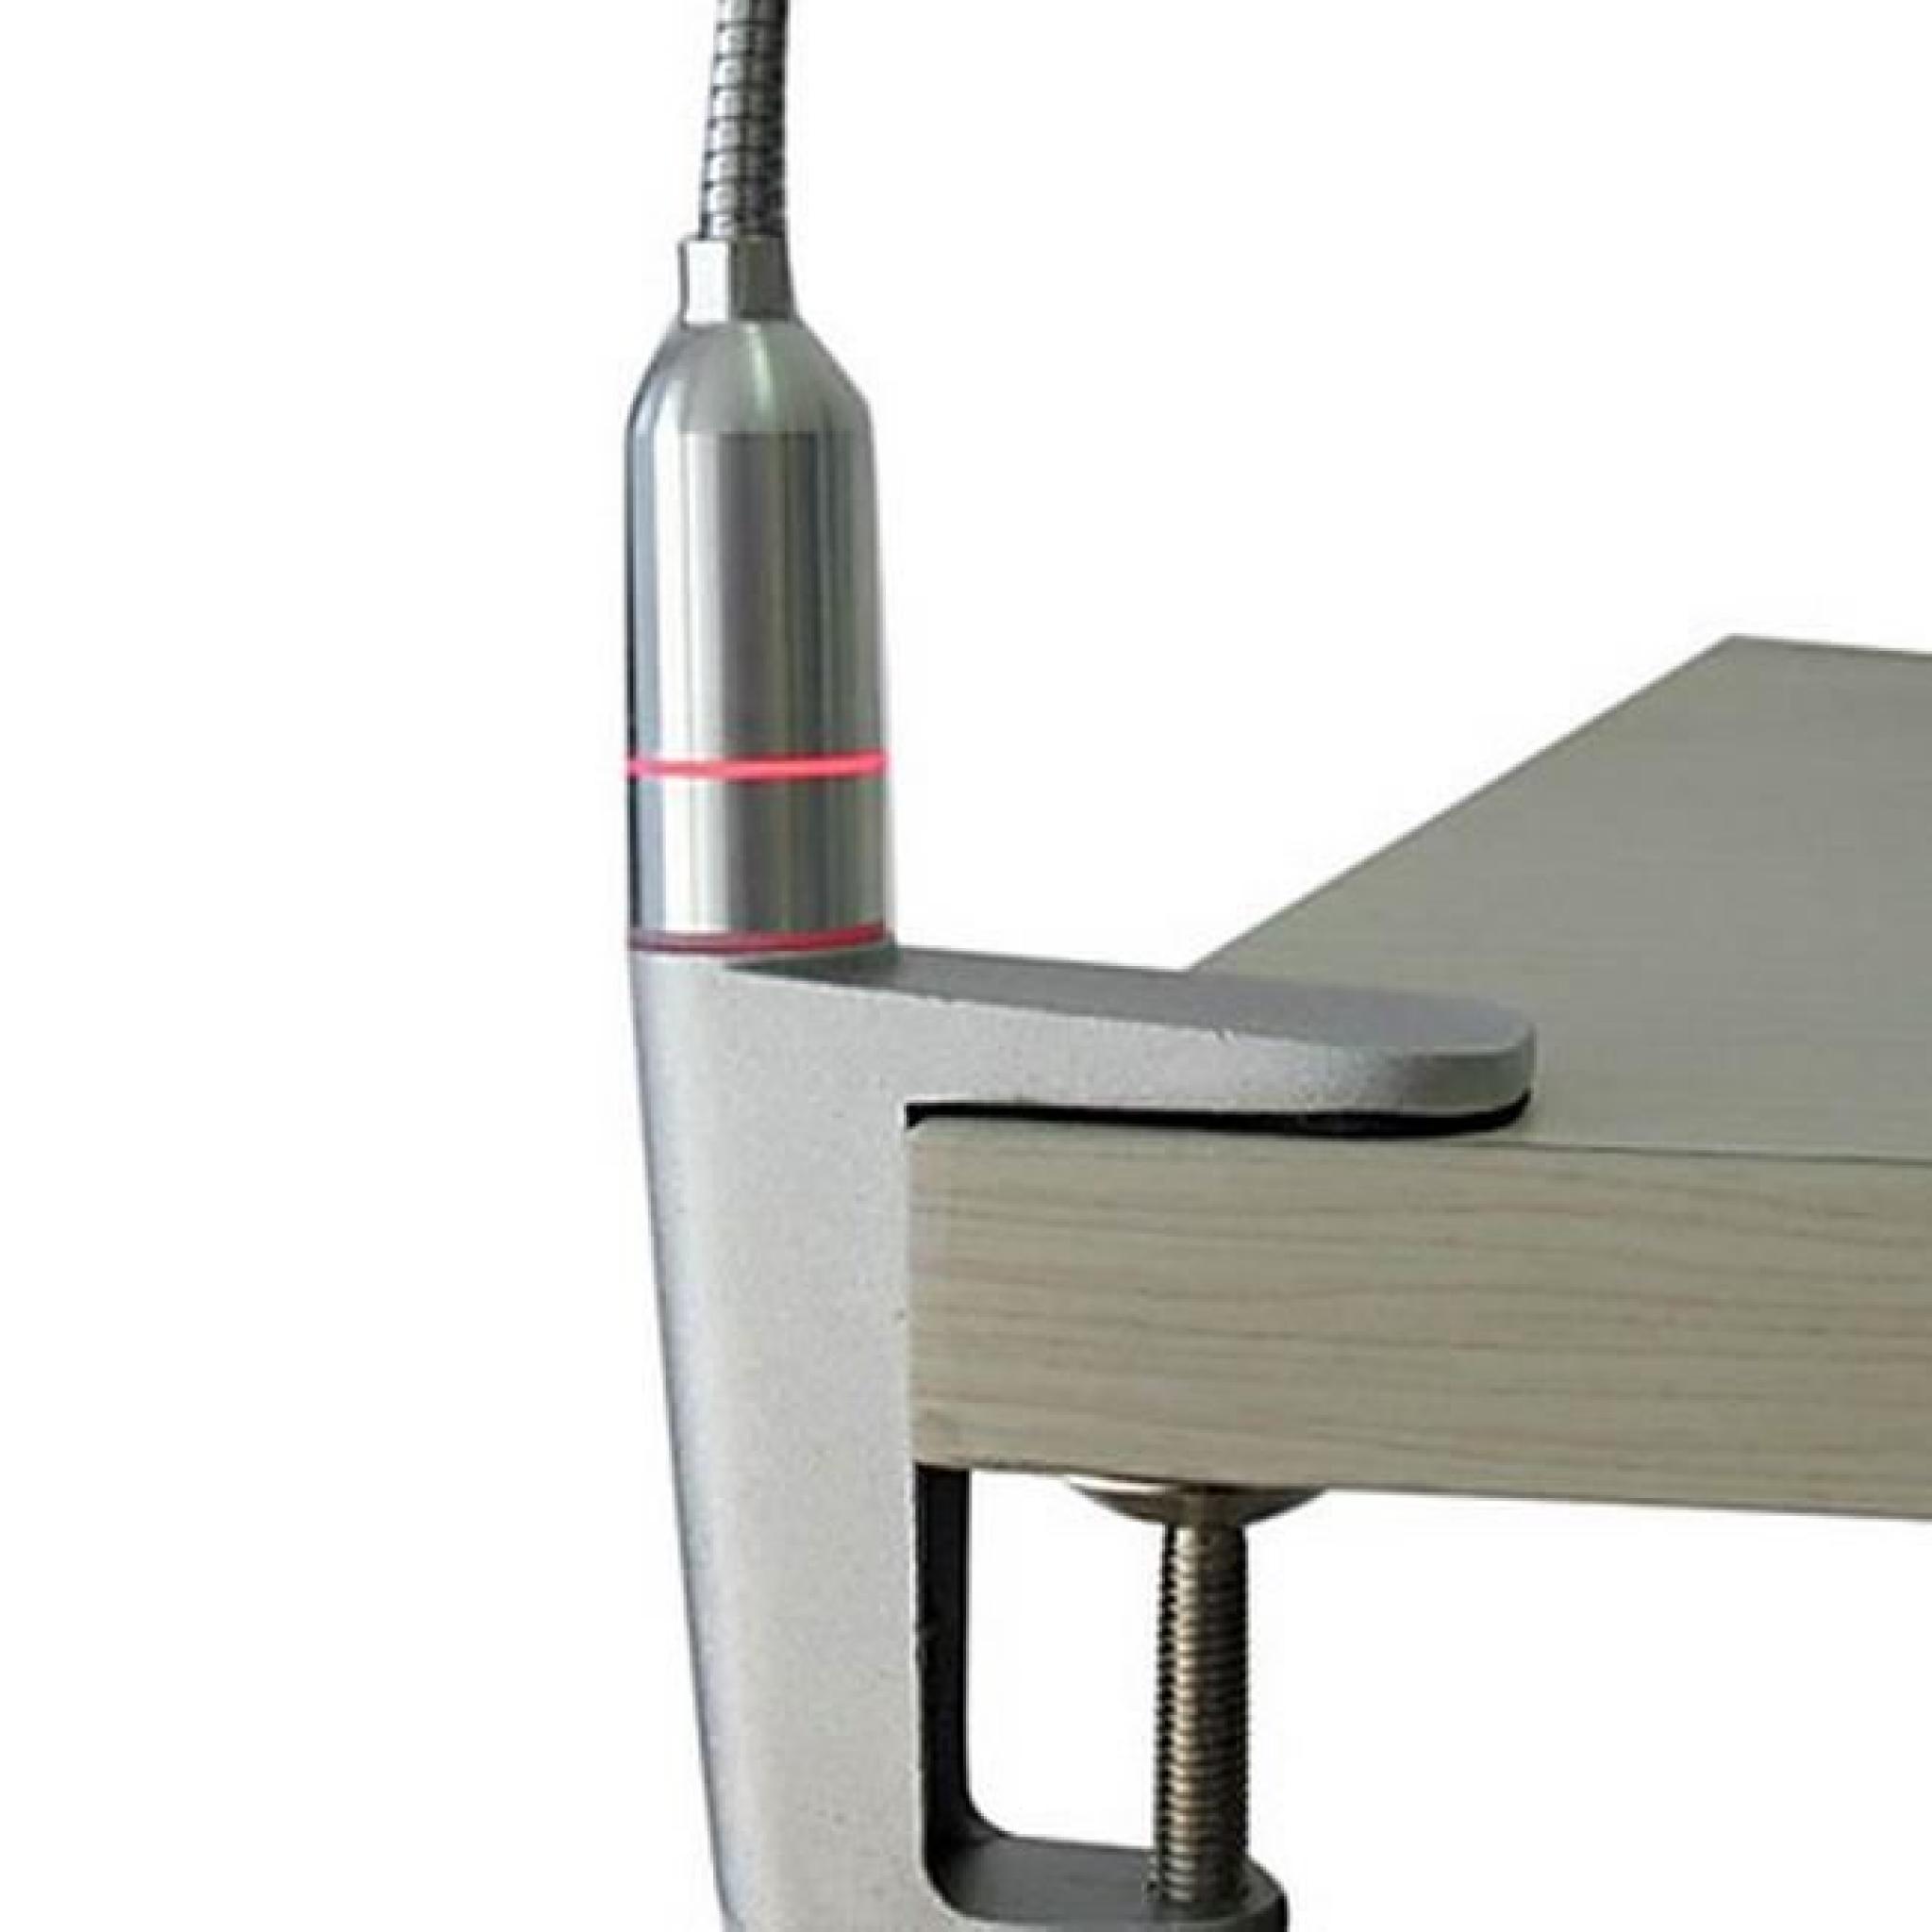 lampe de bureau led tu achat vente lampe a poser pas. Black Bedroom Furniture Sets. Home Design Ideas